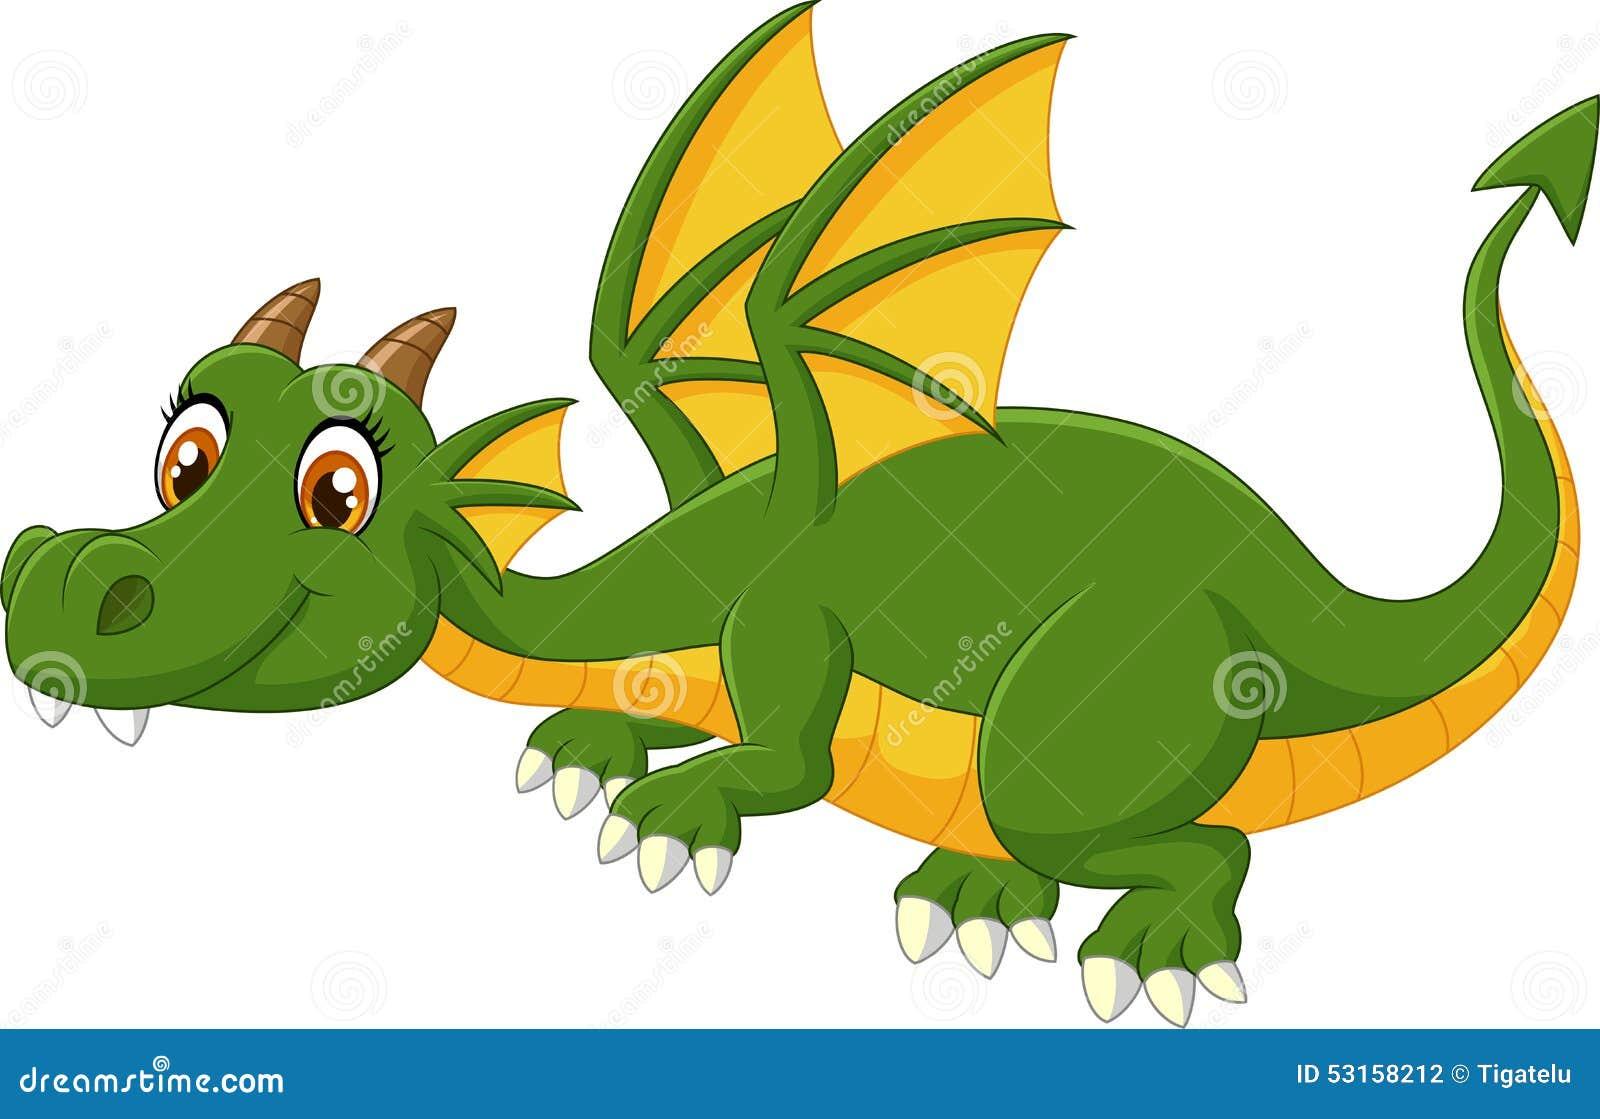 Рисунки с мультяшными драконами